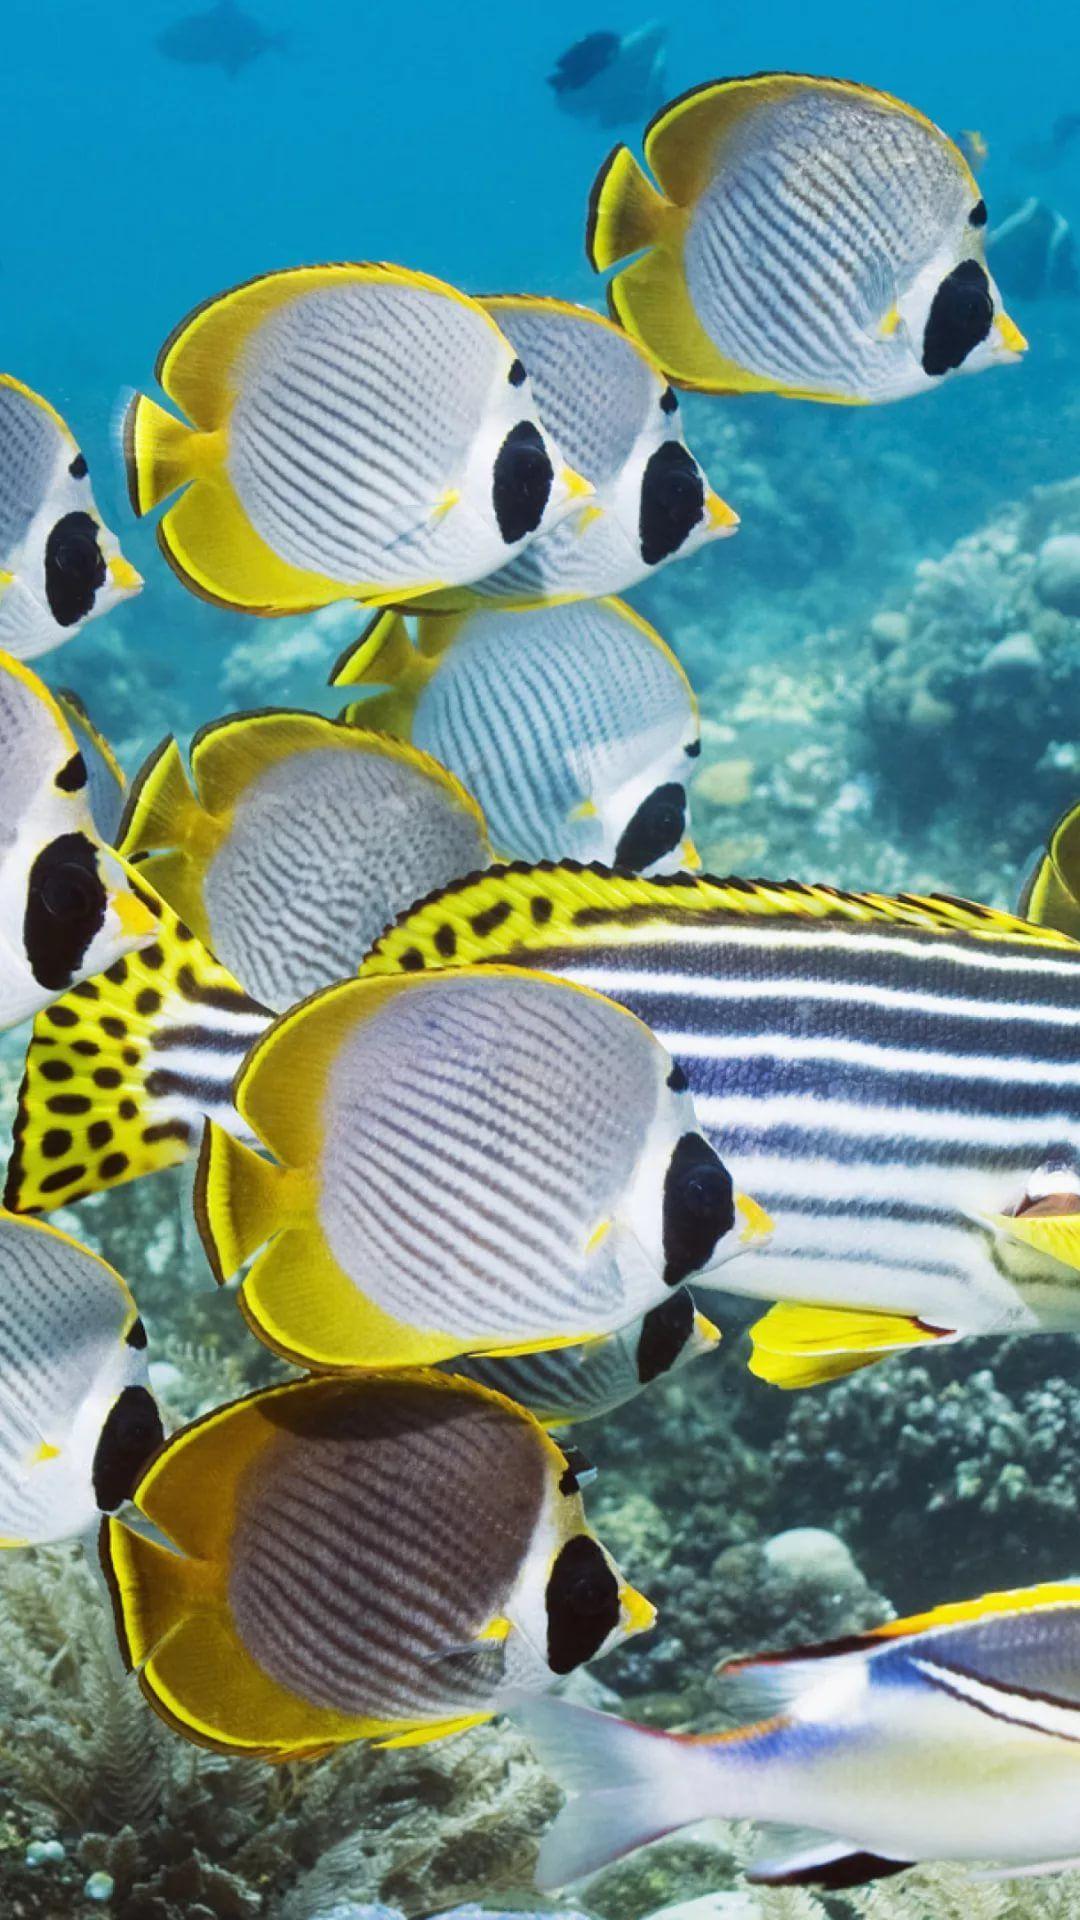 Free Tropical Fish iPhone 6 plus wallpaper